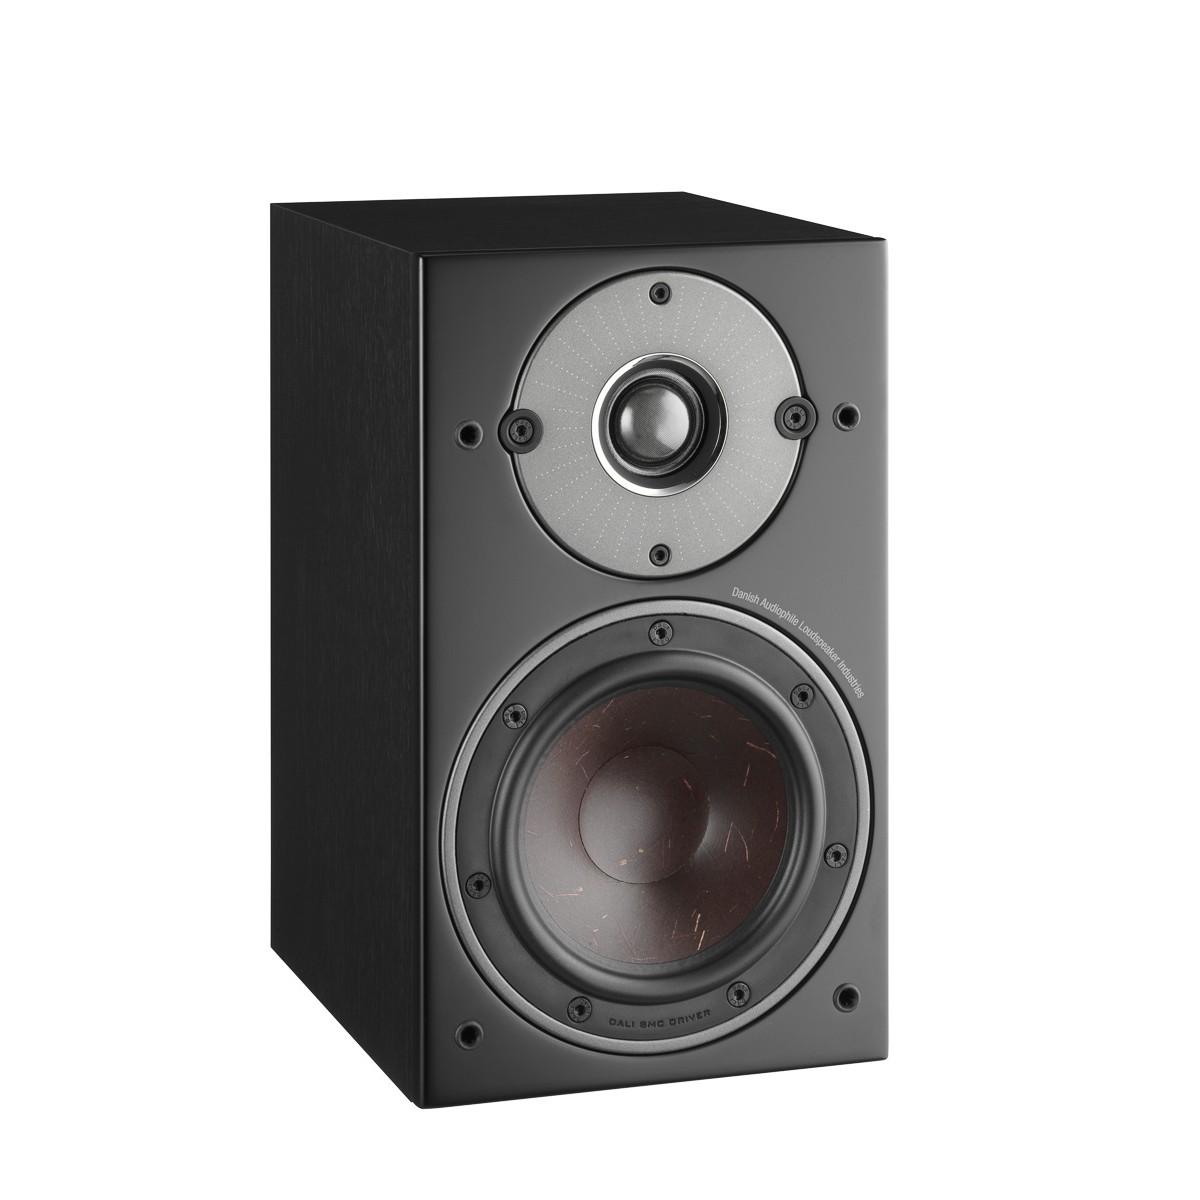 Kolumna głośnikowa podstawkowa OBERON 1